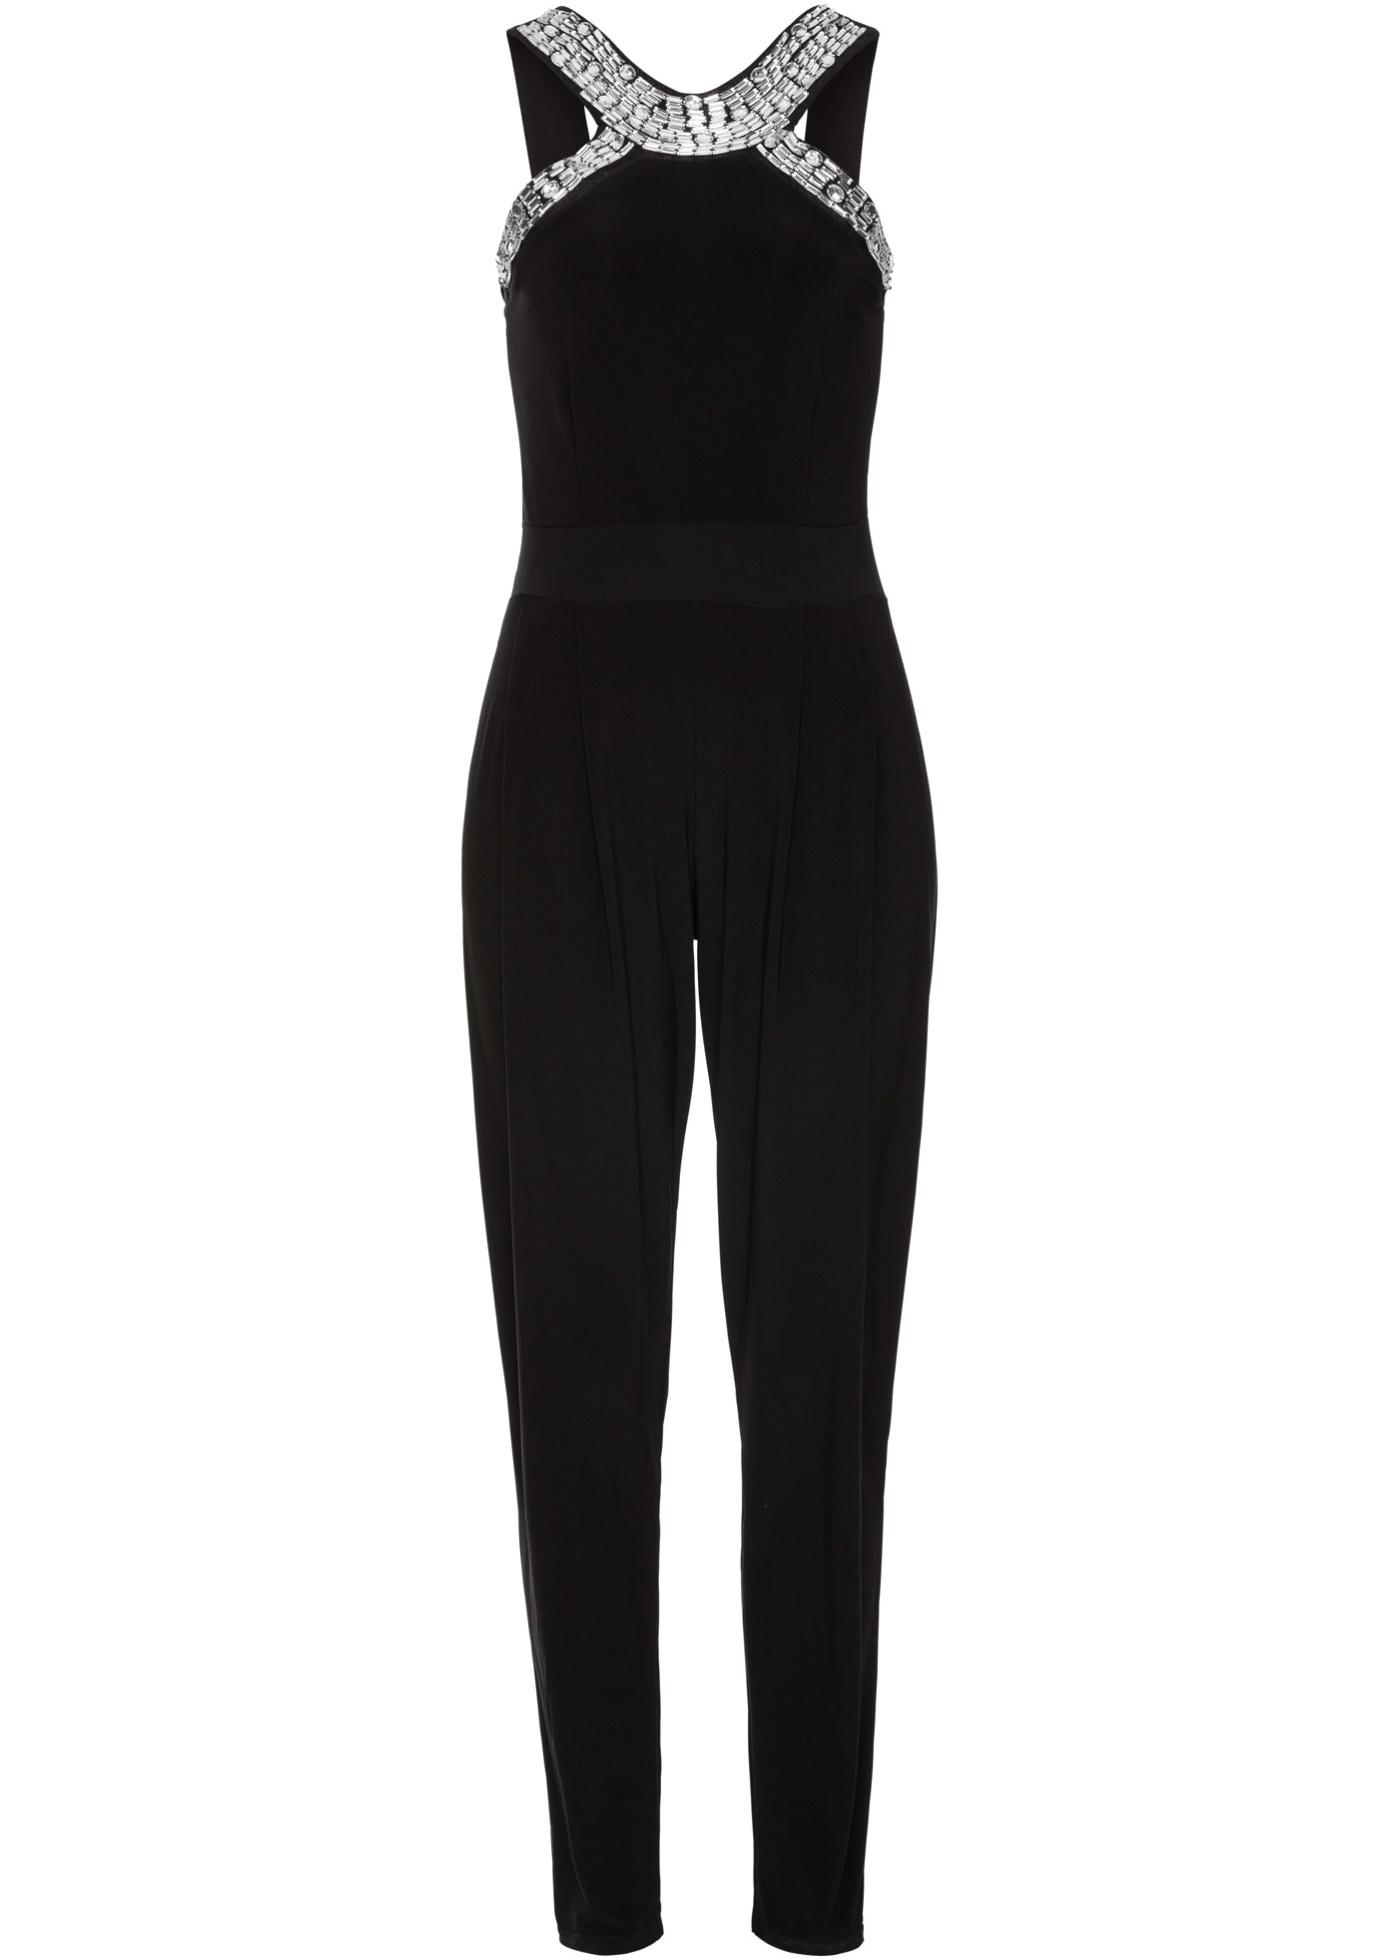 Boutique Sans Femme Pour Noir BonprixCombinaison Avec Bijoux Bodyflirt Manches Pierres b6yY7vfg